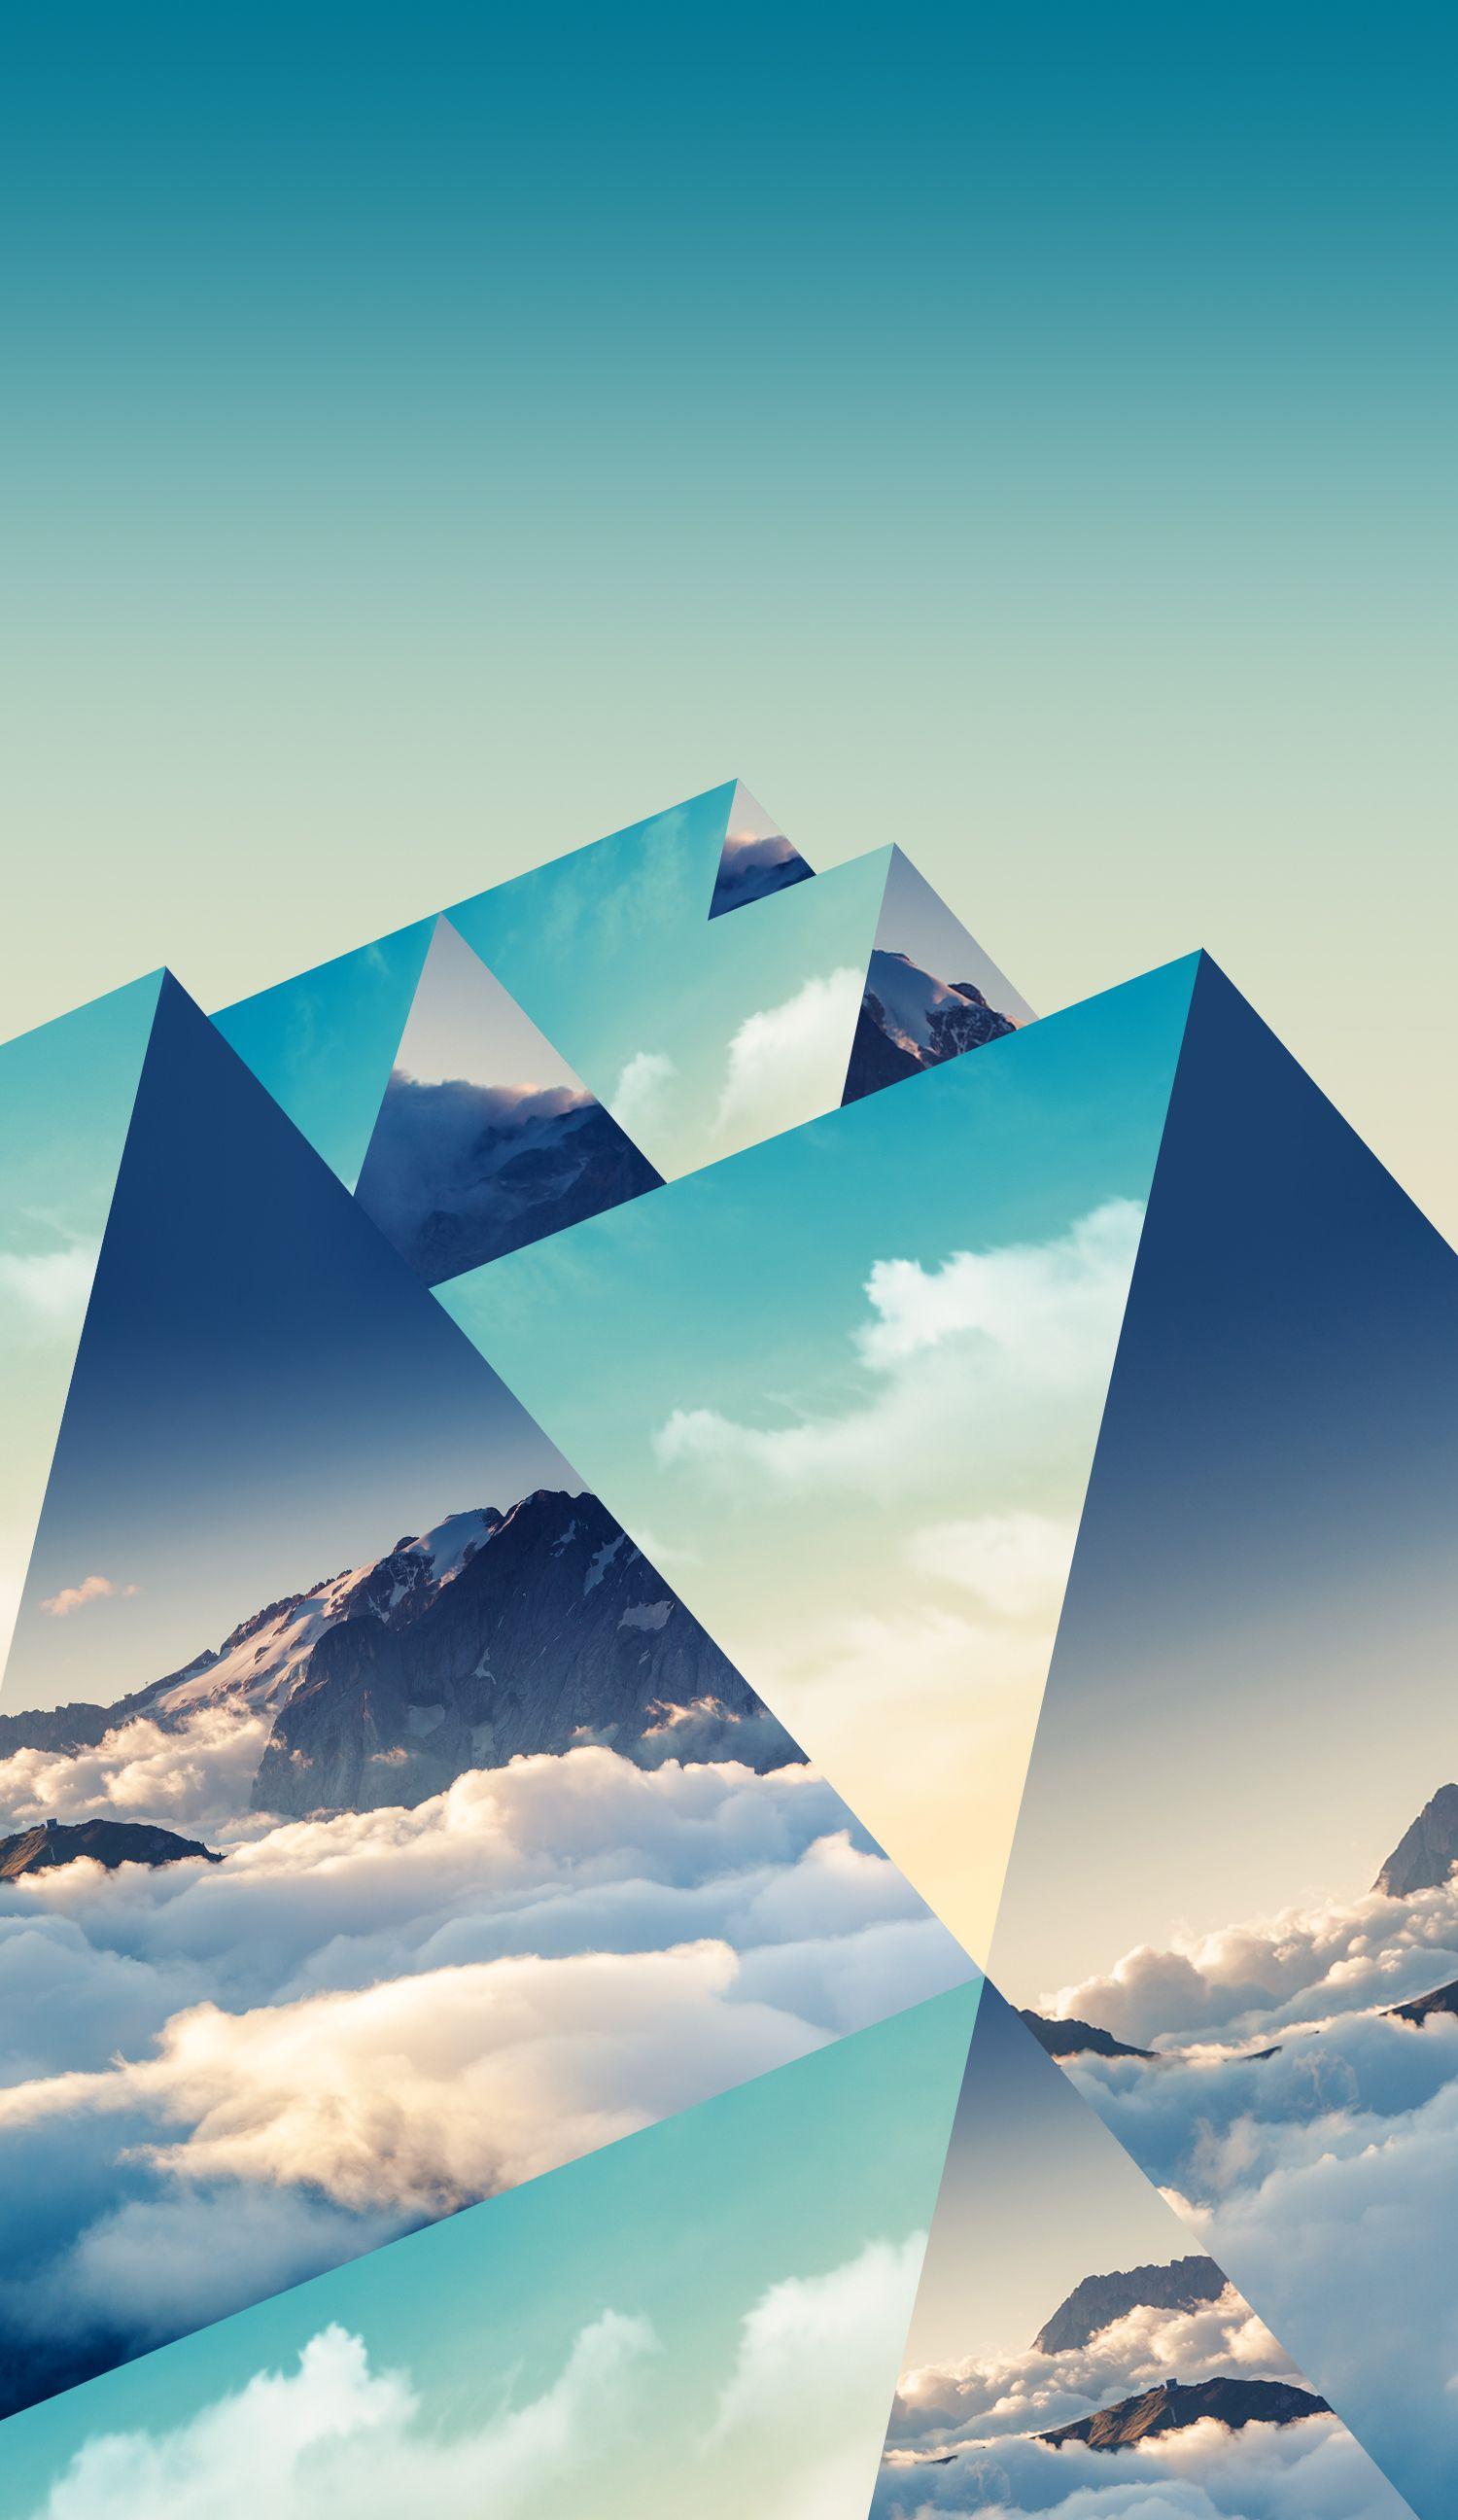 为你的设备挑选完美的旅游 大自然壁纸或旅游 大自然图片 Stunning Wallpapers Geometric Wallpaper Abstract Artwork